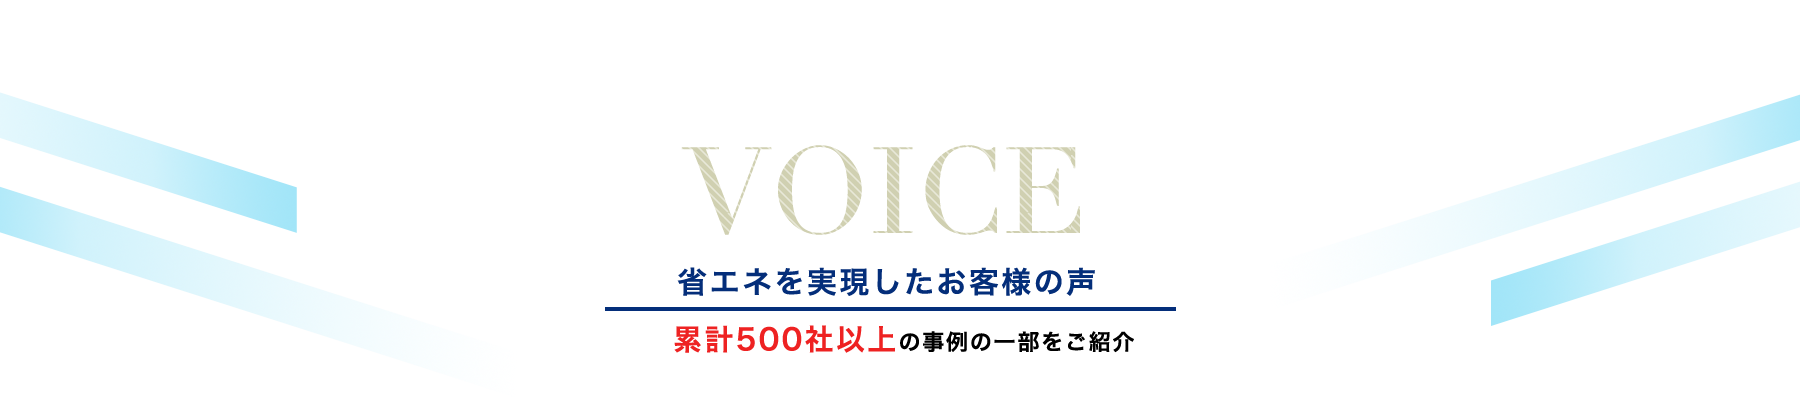 お客様の声のタイトル